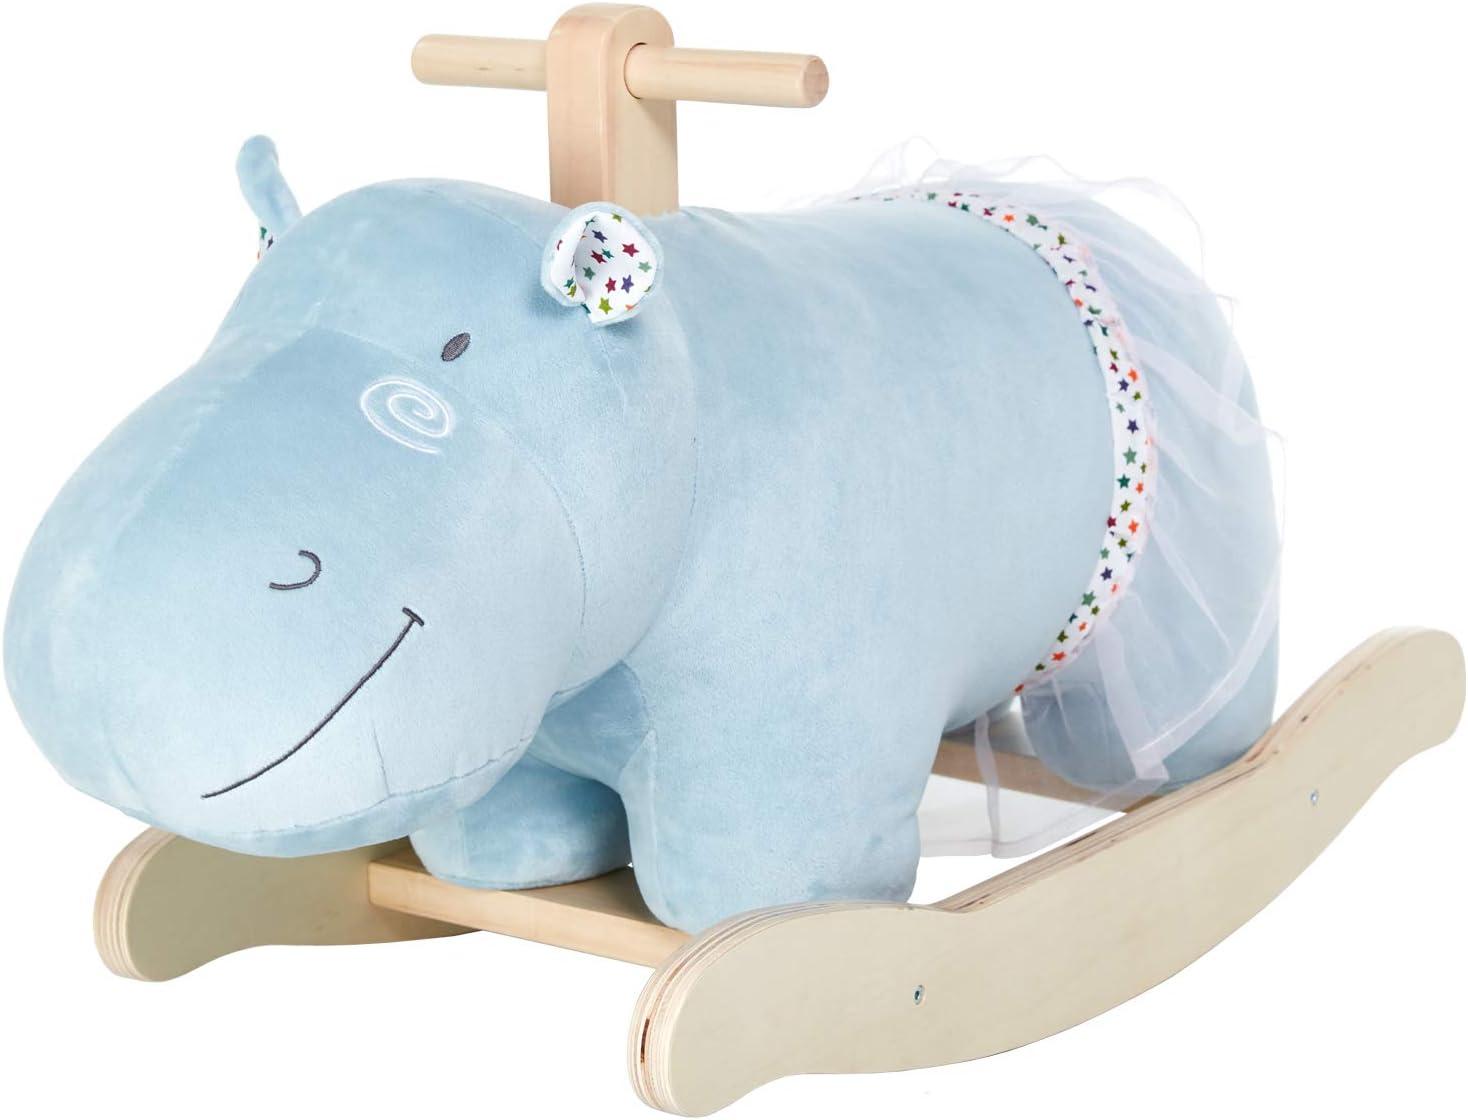 Caballito de Madera, Azul Hipopótamo Caballo balancin, Caballos de Juguete para Niños, Caballito de Madera/Caballo Juguete/Caballo balancin Madera/Balancines Infantiles/Caballo balancin Bebe